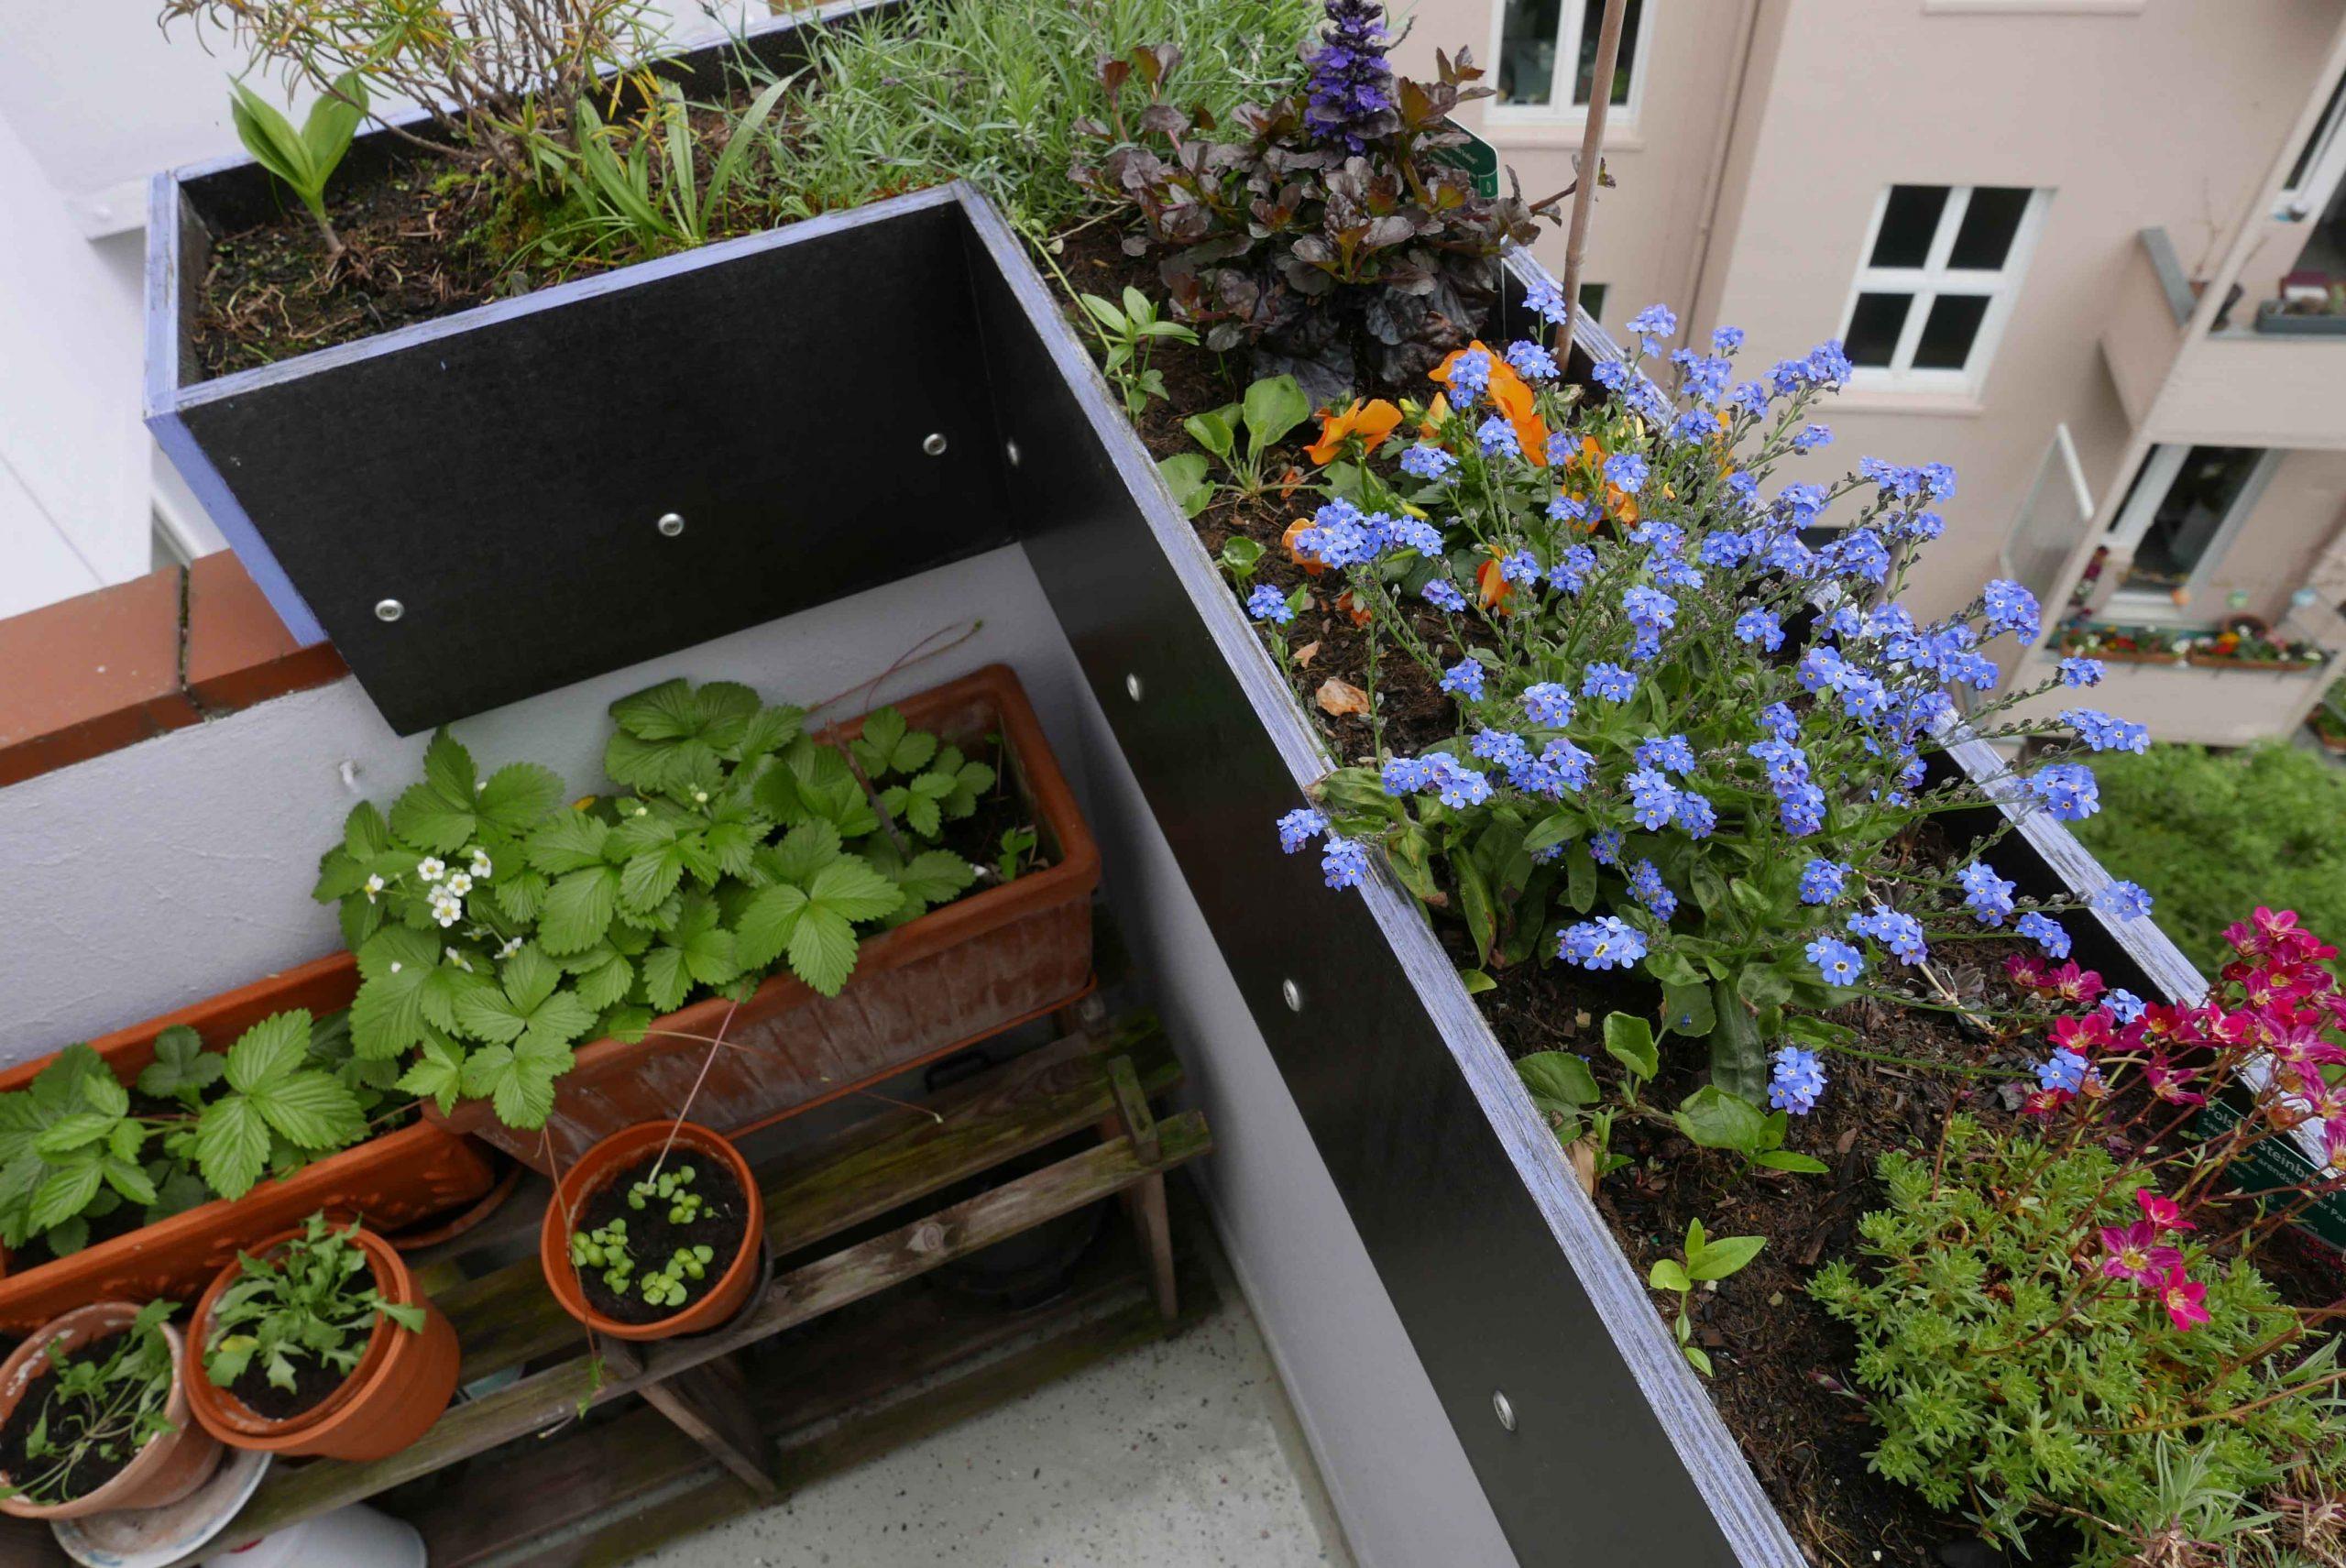 Blumenkasten Erhöhung der Brüstung Balkon aus Siebdruckplatten von oben gesehen